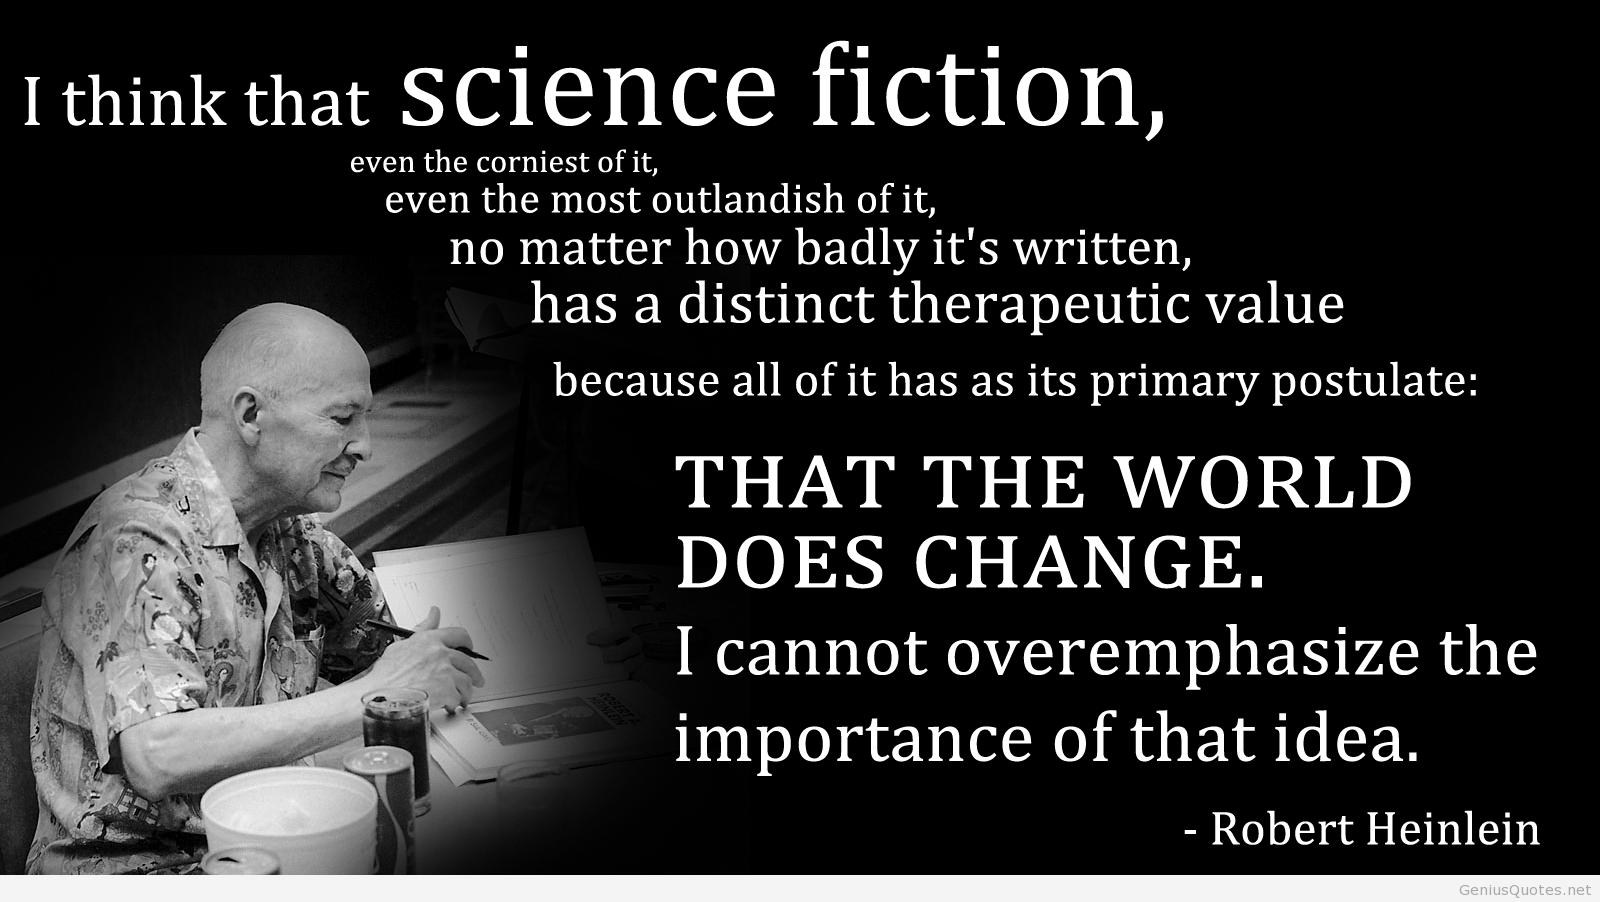 Robert A. Heinlein Quotes. QuotesGram